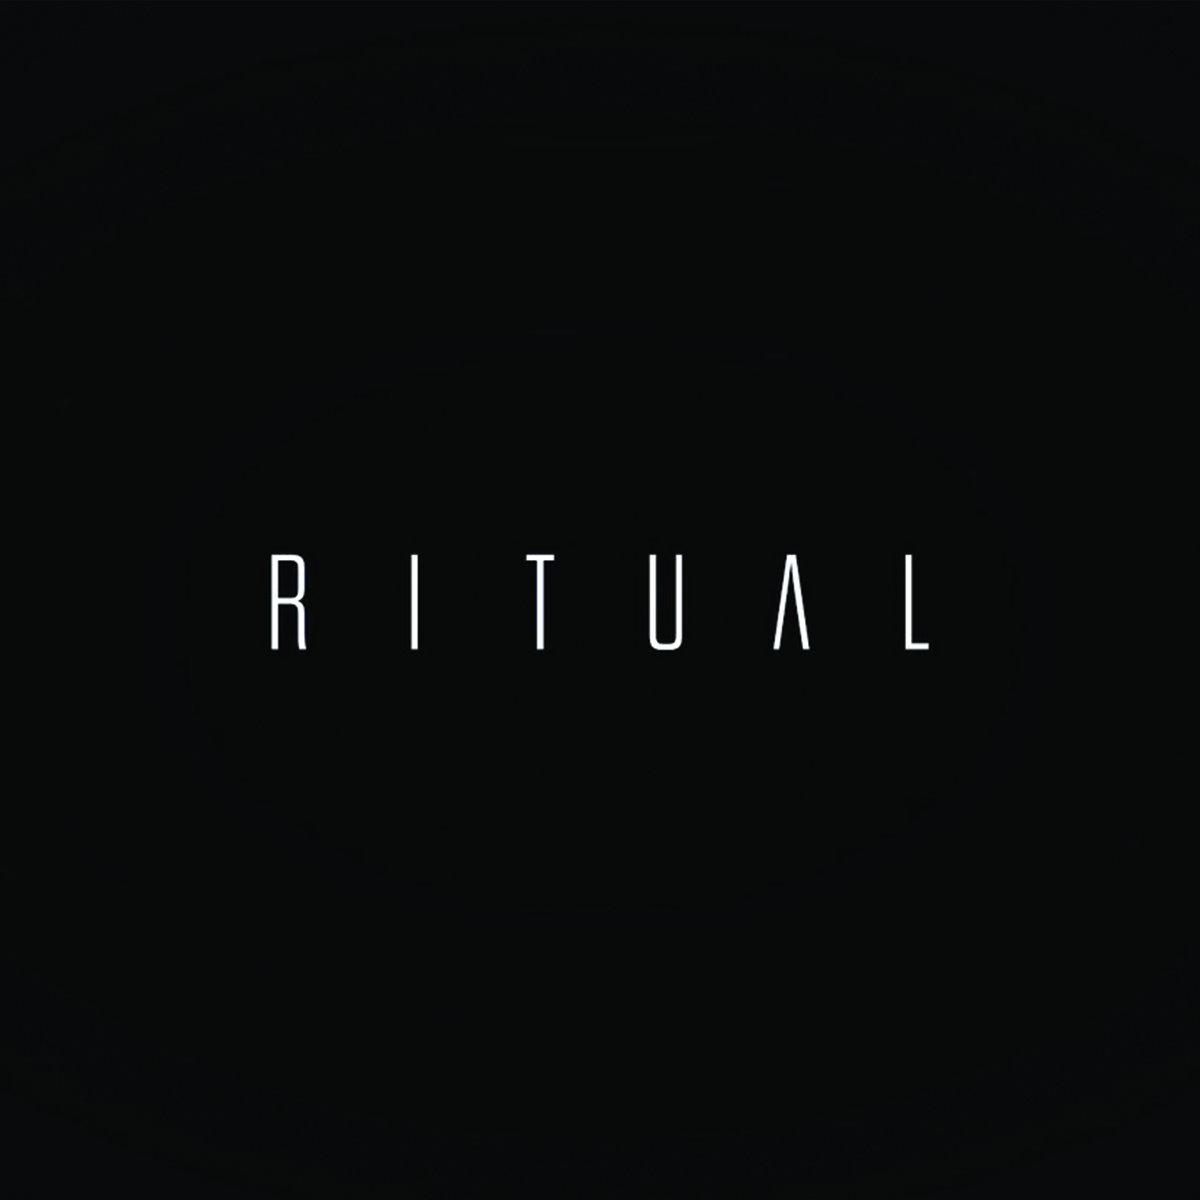 SΛUDΛDƩ - R I T U Λ L